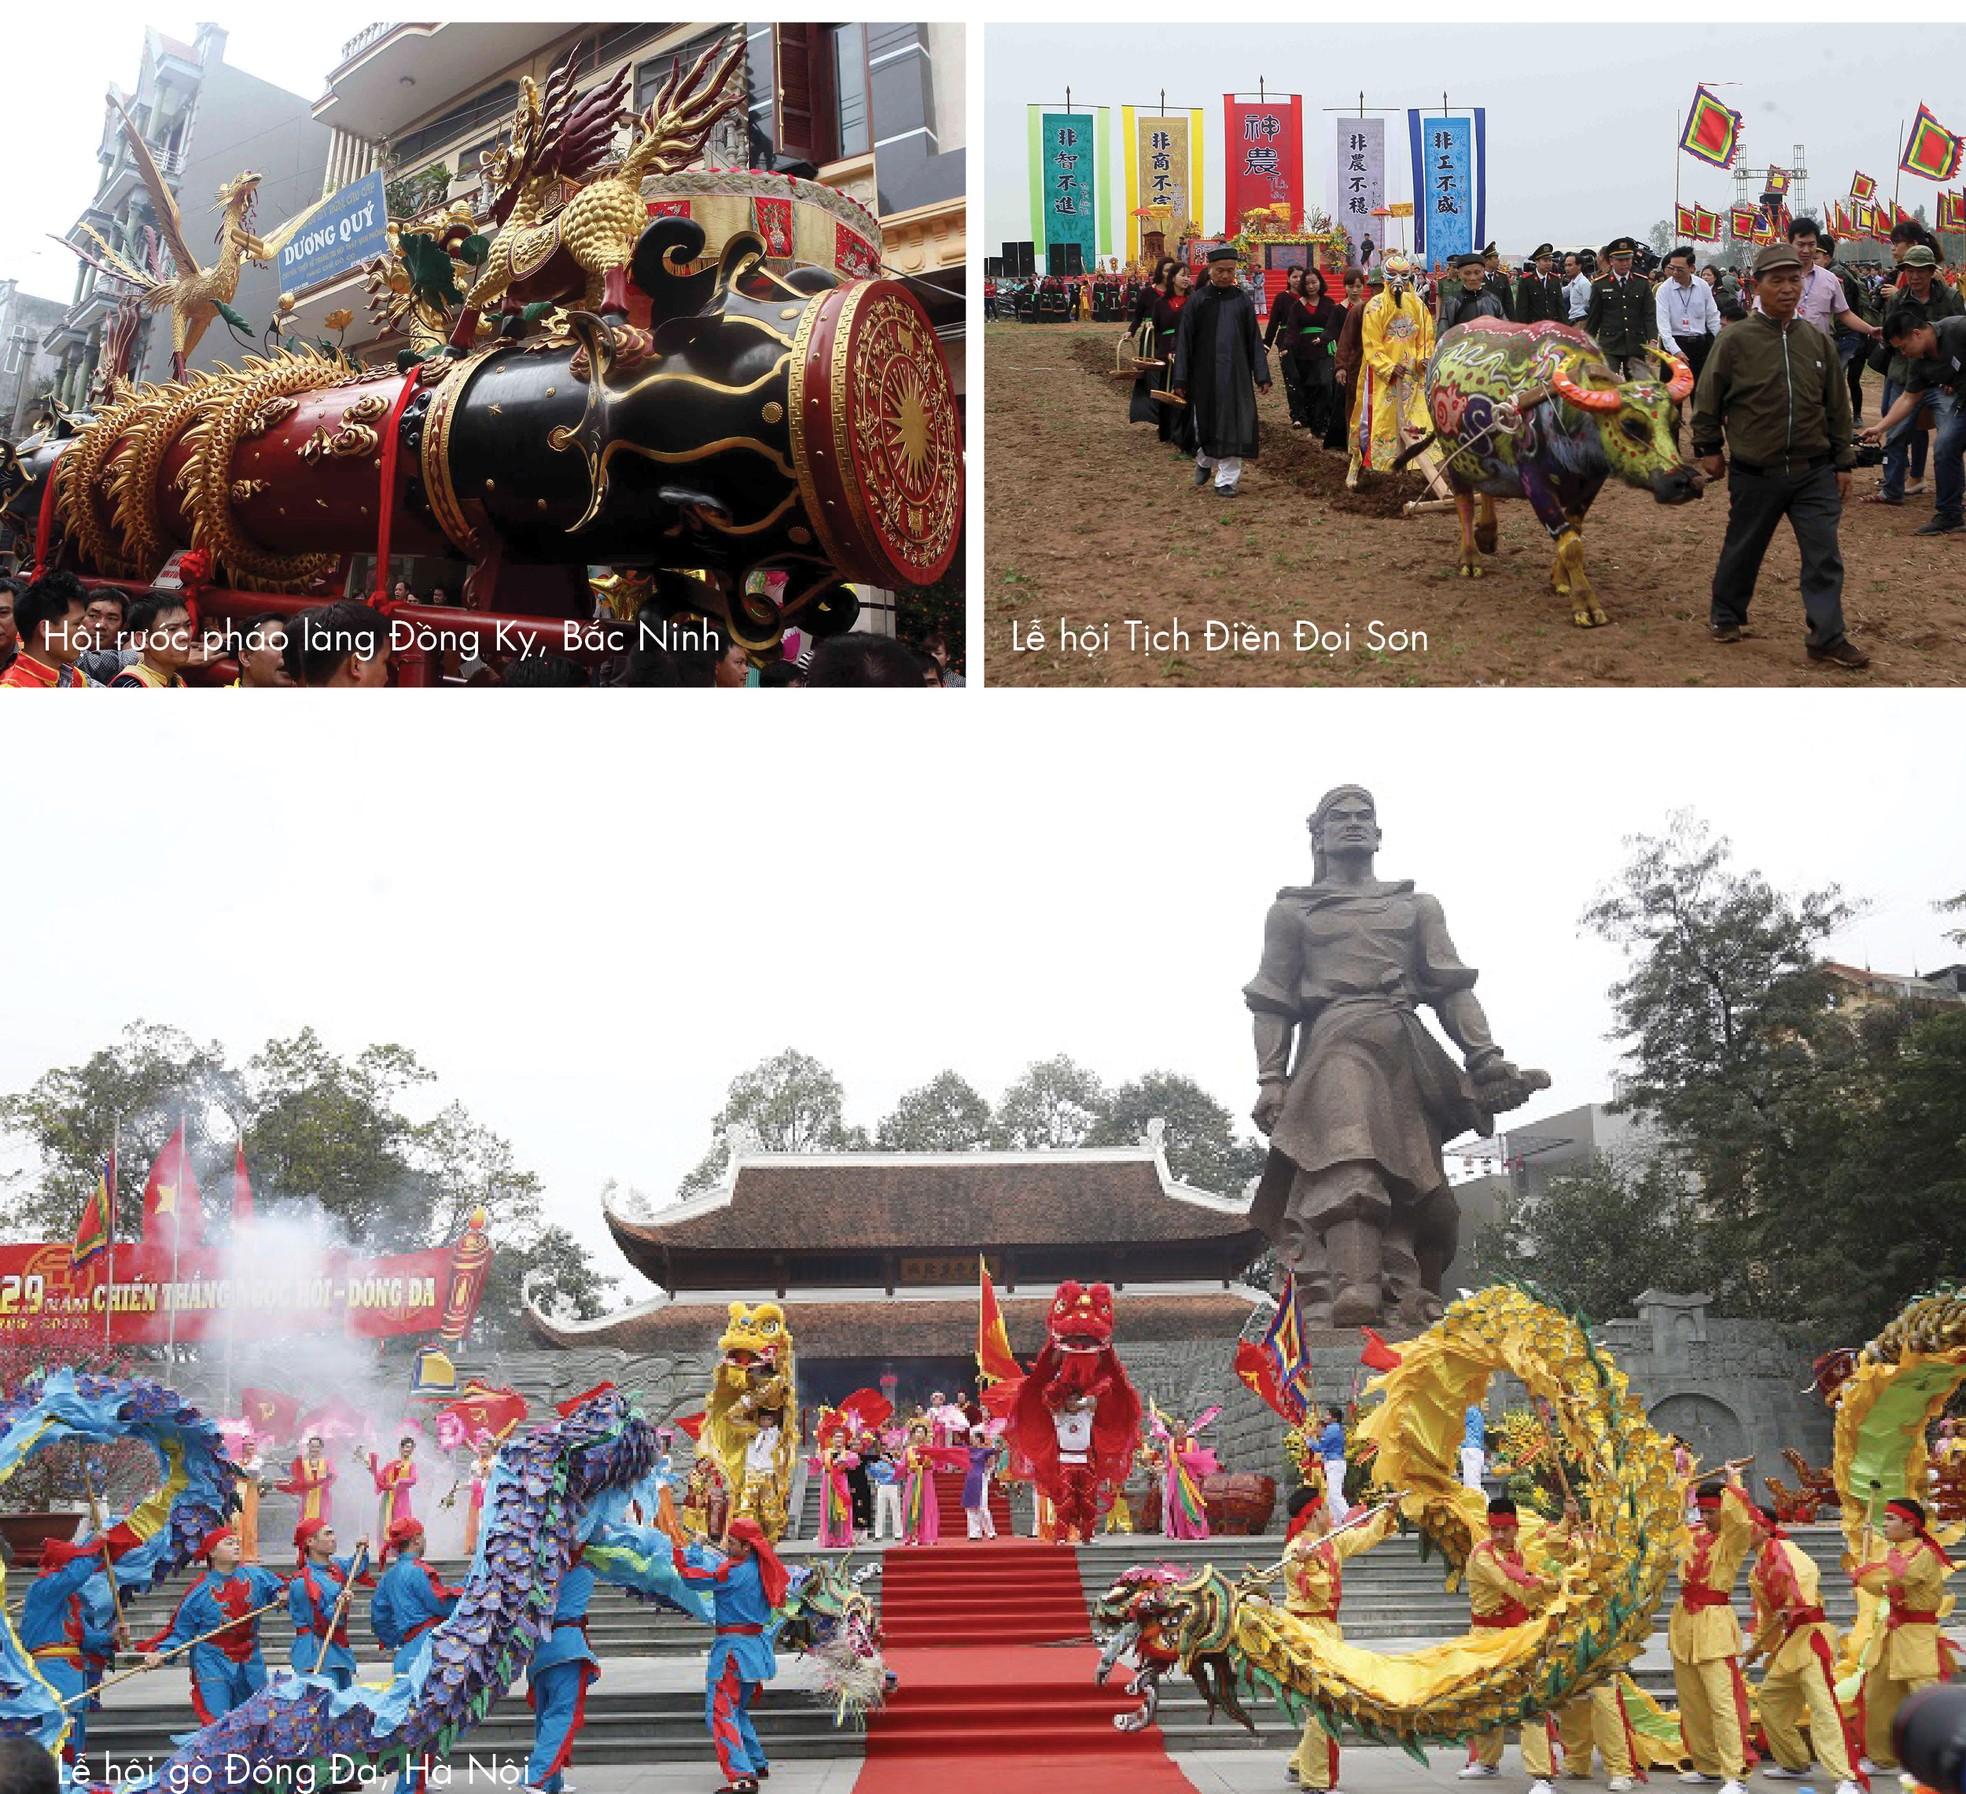 Những lễ hội đầu Xuân được mong đợi nhất trong dịp tết Nguyên Đán ảnh 1